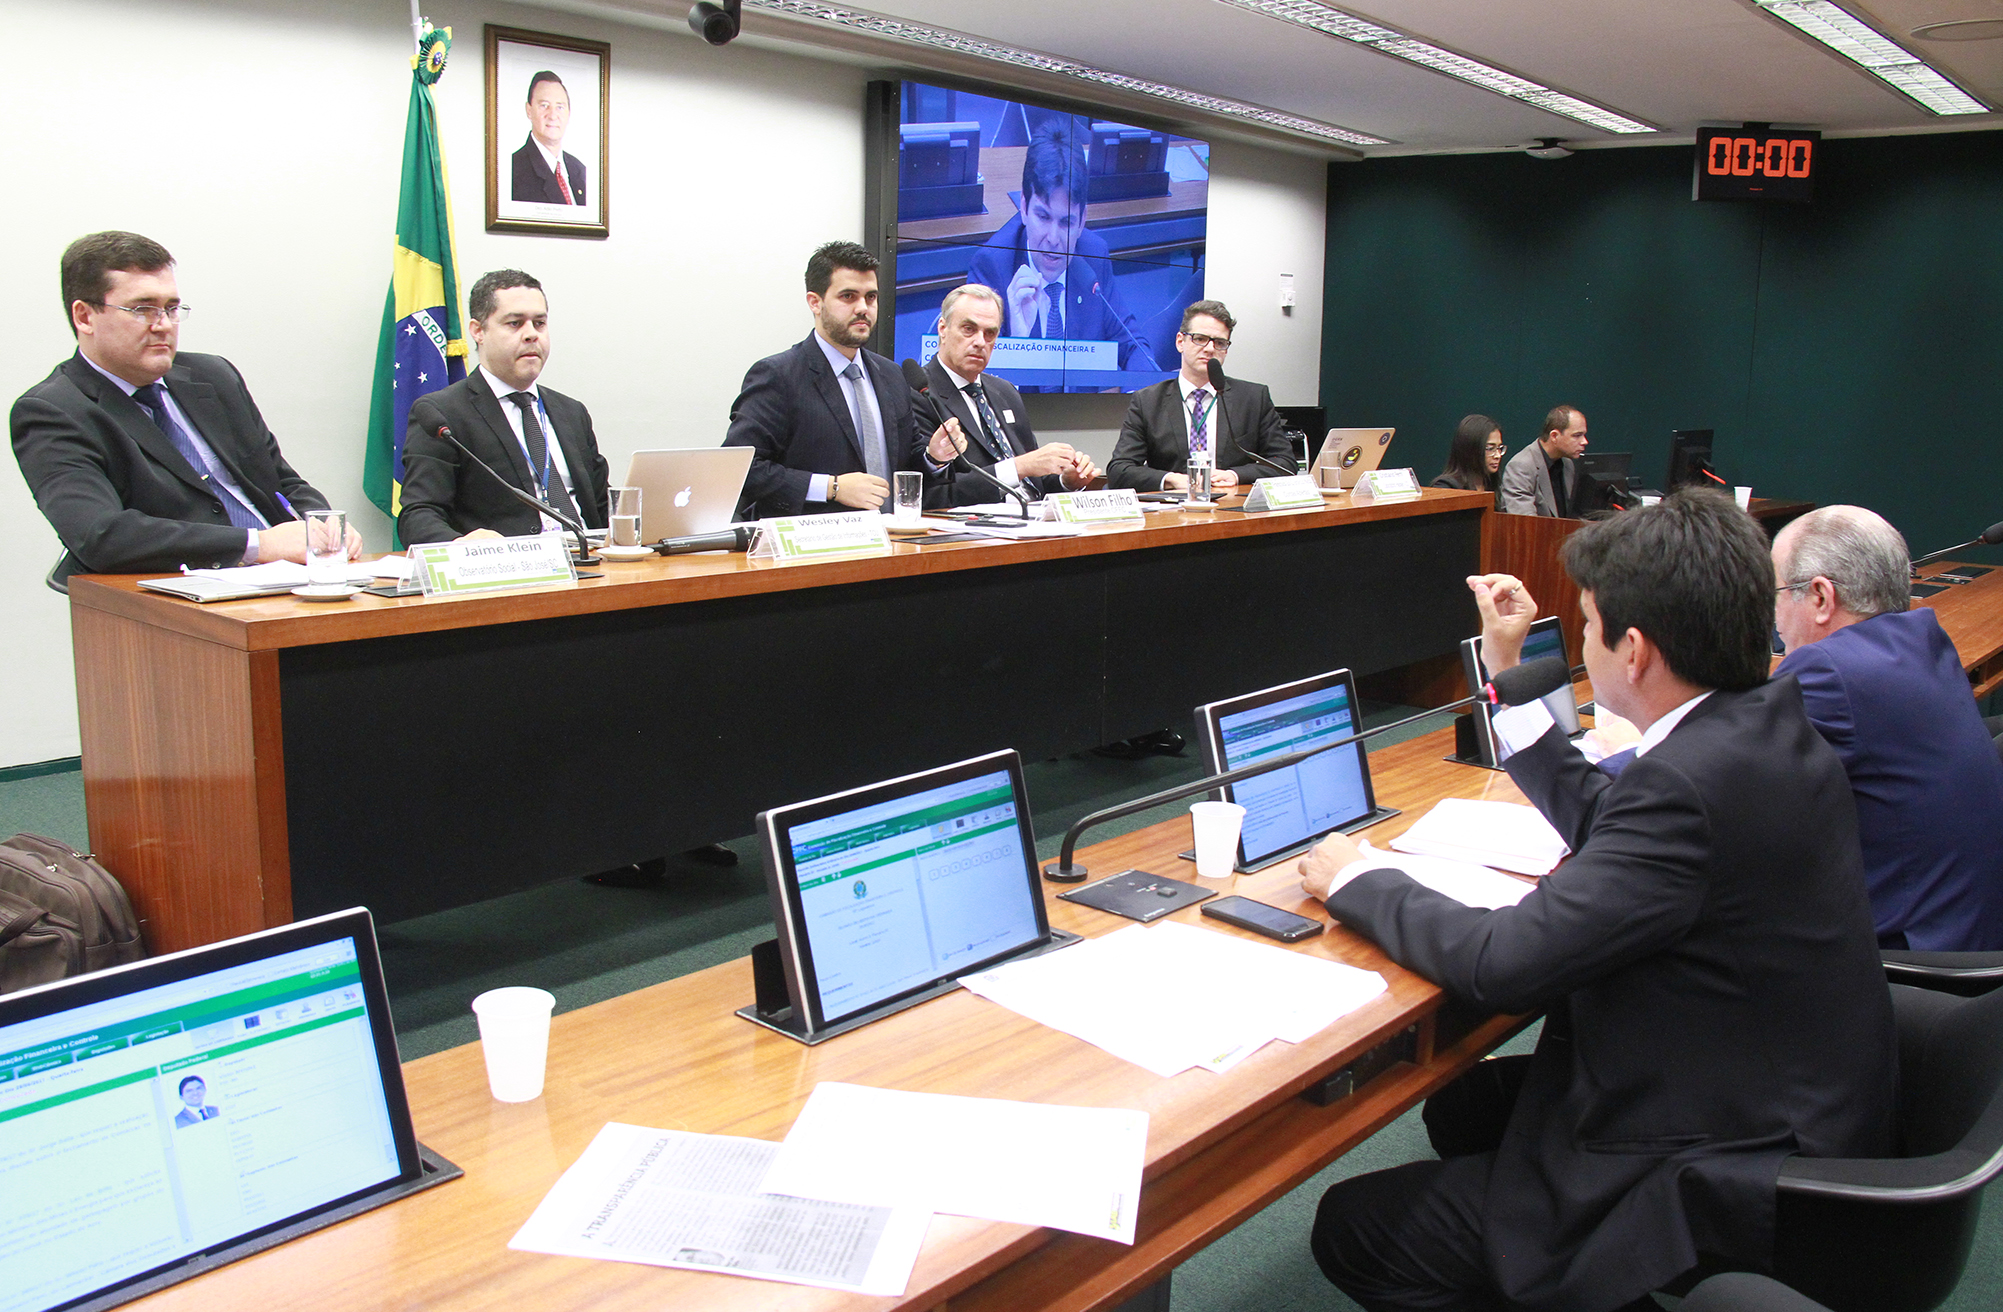 Audiência pública sobre as possibilidades de controle das contas públicas usando dados abertos